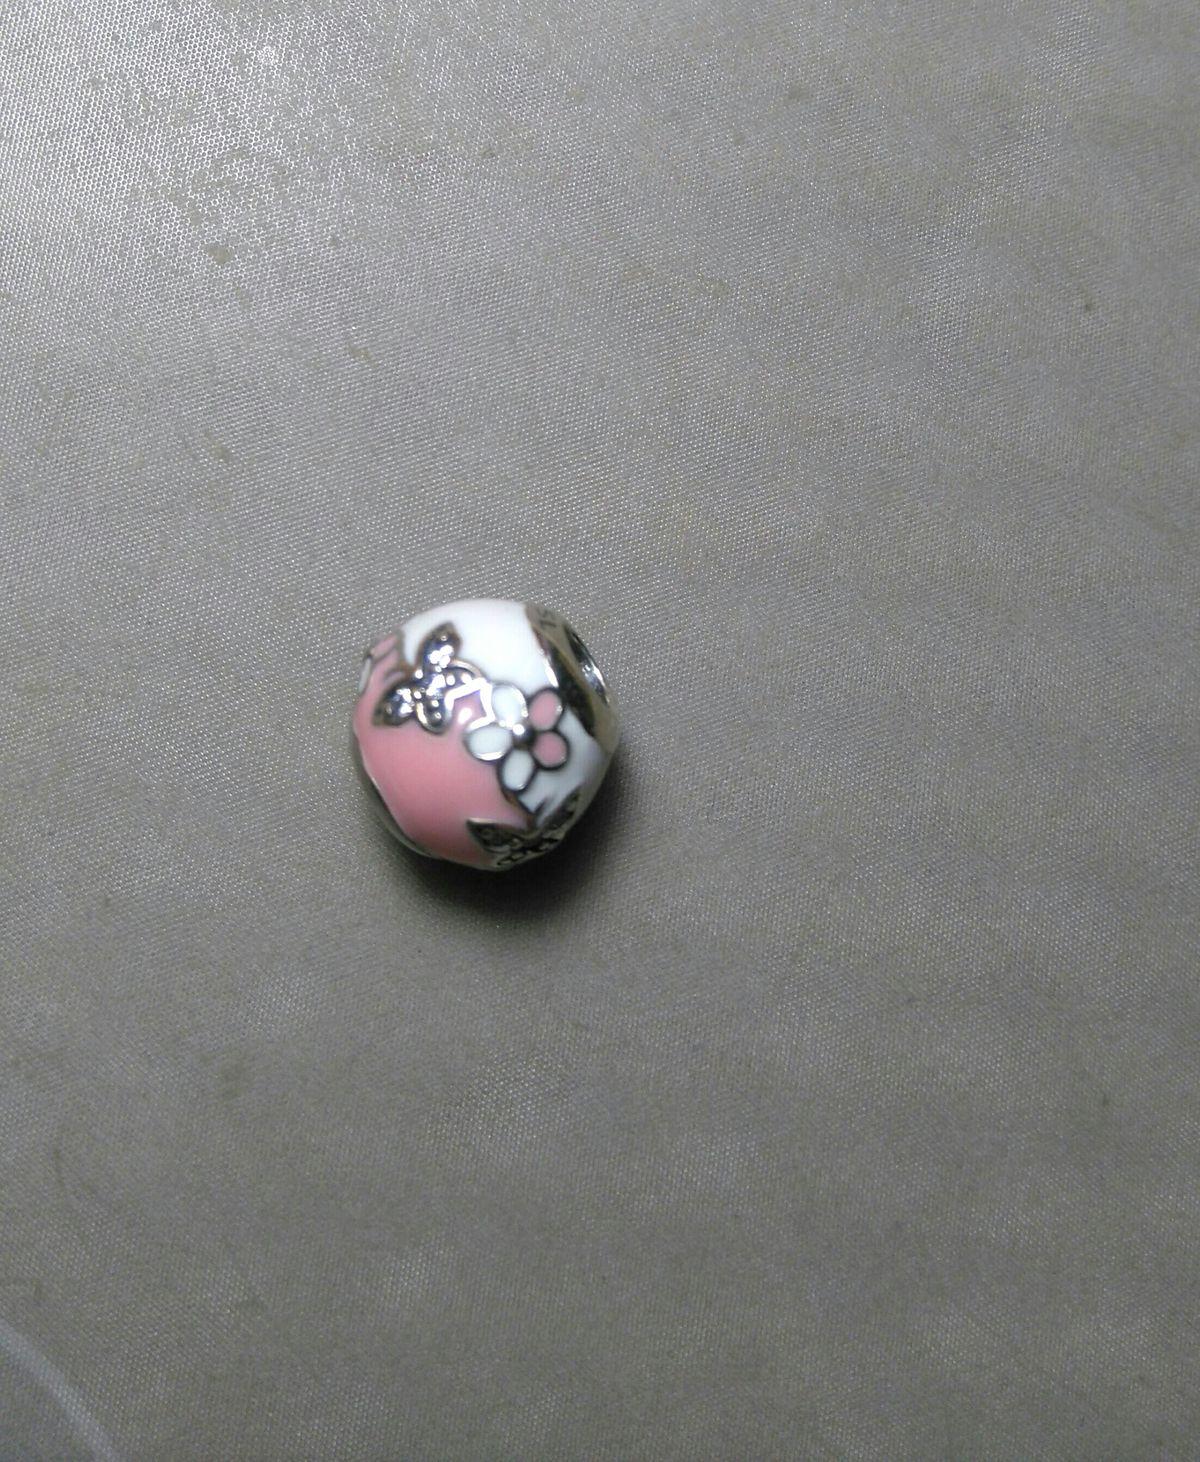 Подвеска эмалевая бело-розовая принт бабочки с цветами